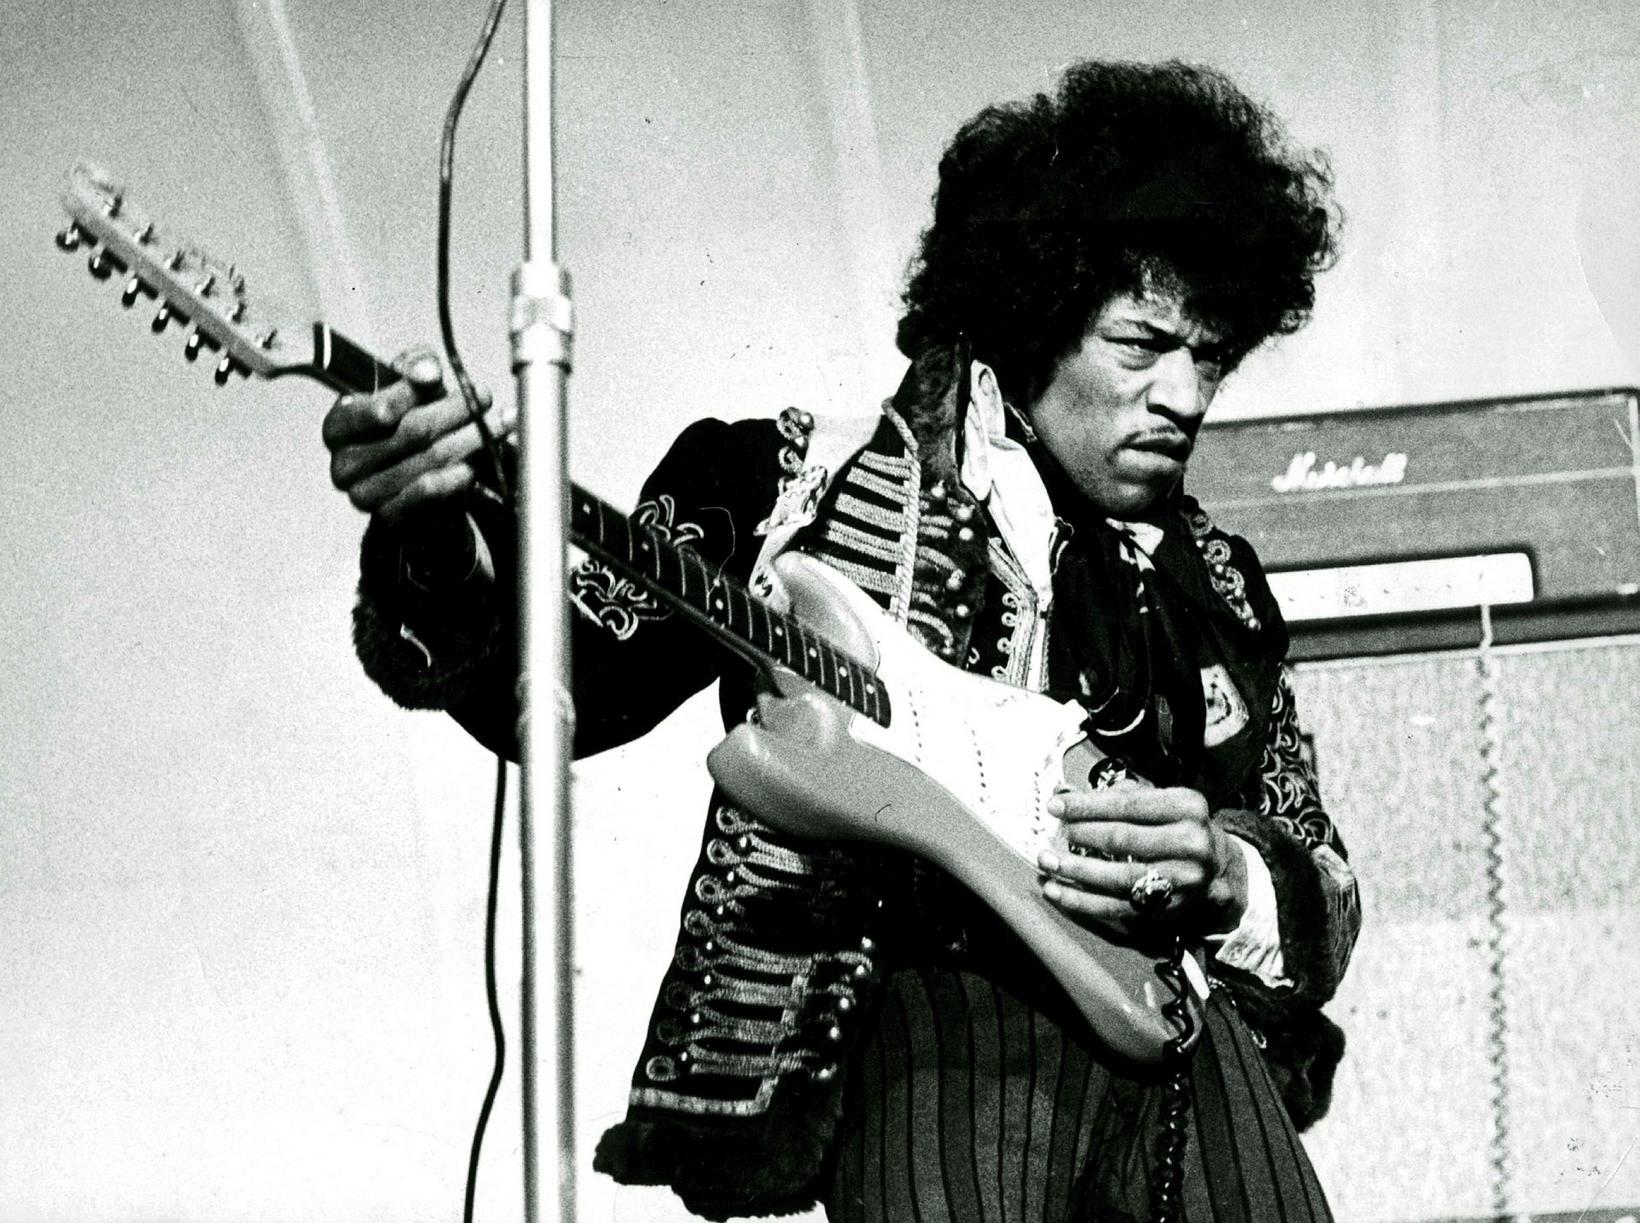 Hendrix á sviði í Stokkhólmi árið 1967.